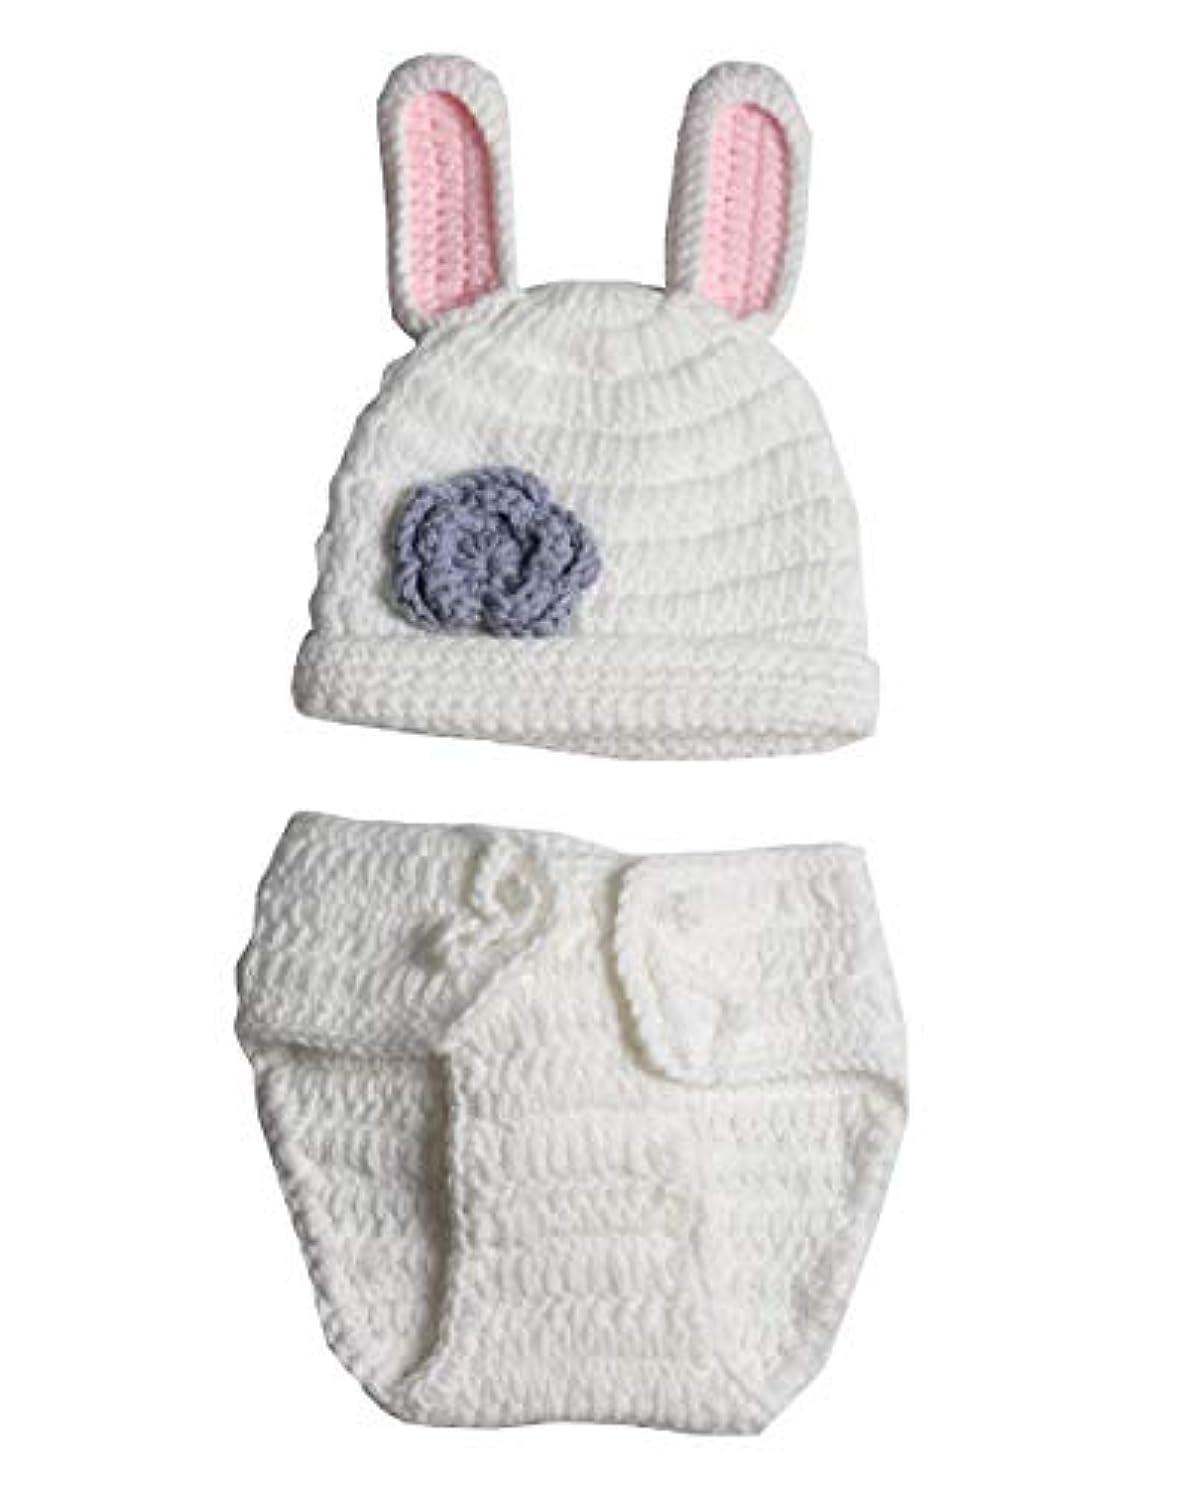 大工けん引メーター(White Rabbit) - White Rabbit, Newborn Baby Girl Boy Crochet Knit Costume Photo Photography Prop Hats Outfits